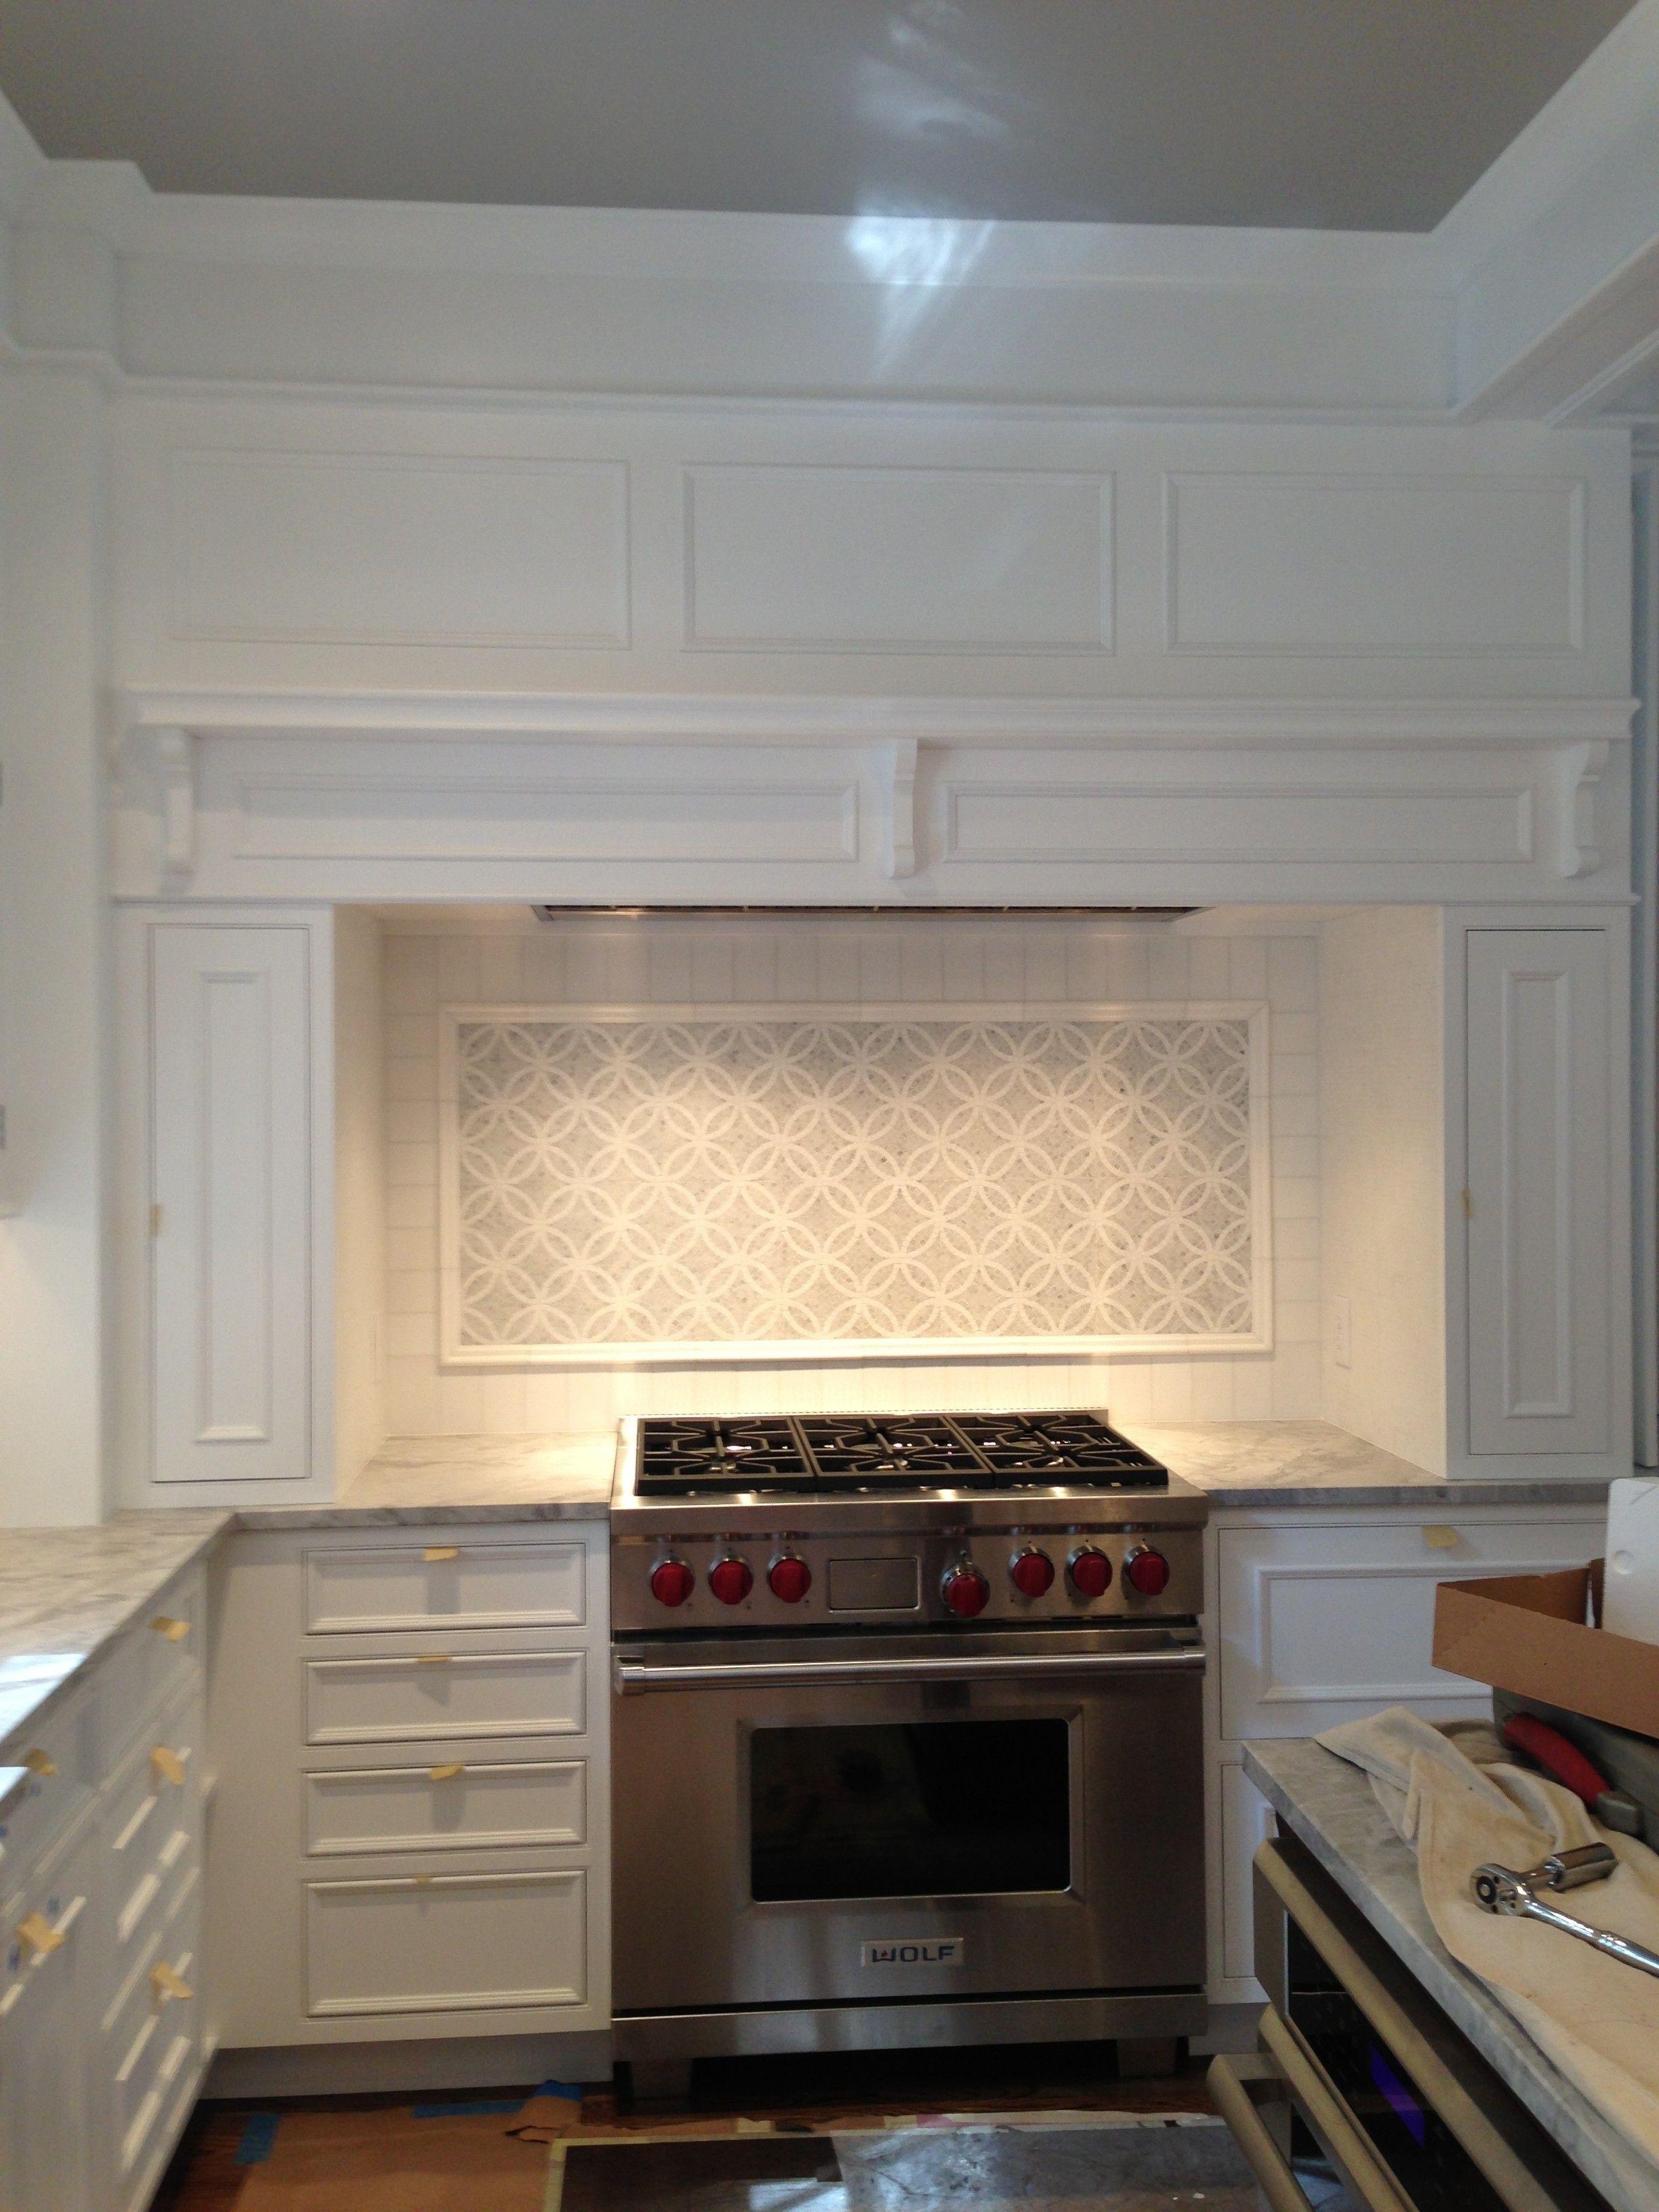 Types Of Kitchen Tiles Tile Types Kitchen Tags Tile Types Kitchen Tags Renovation